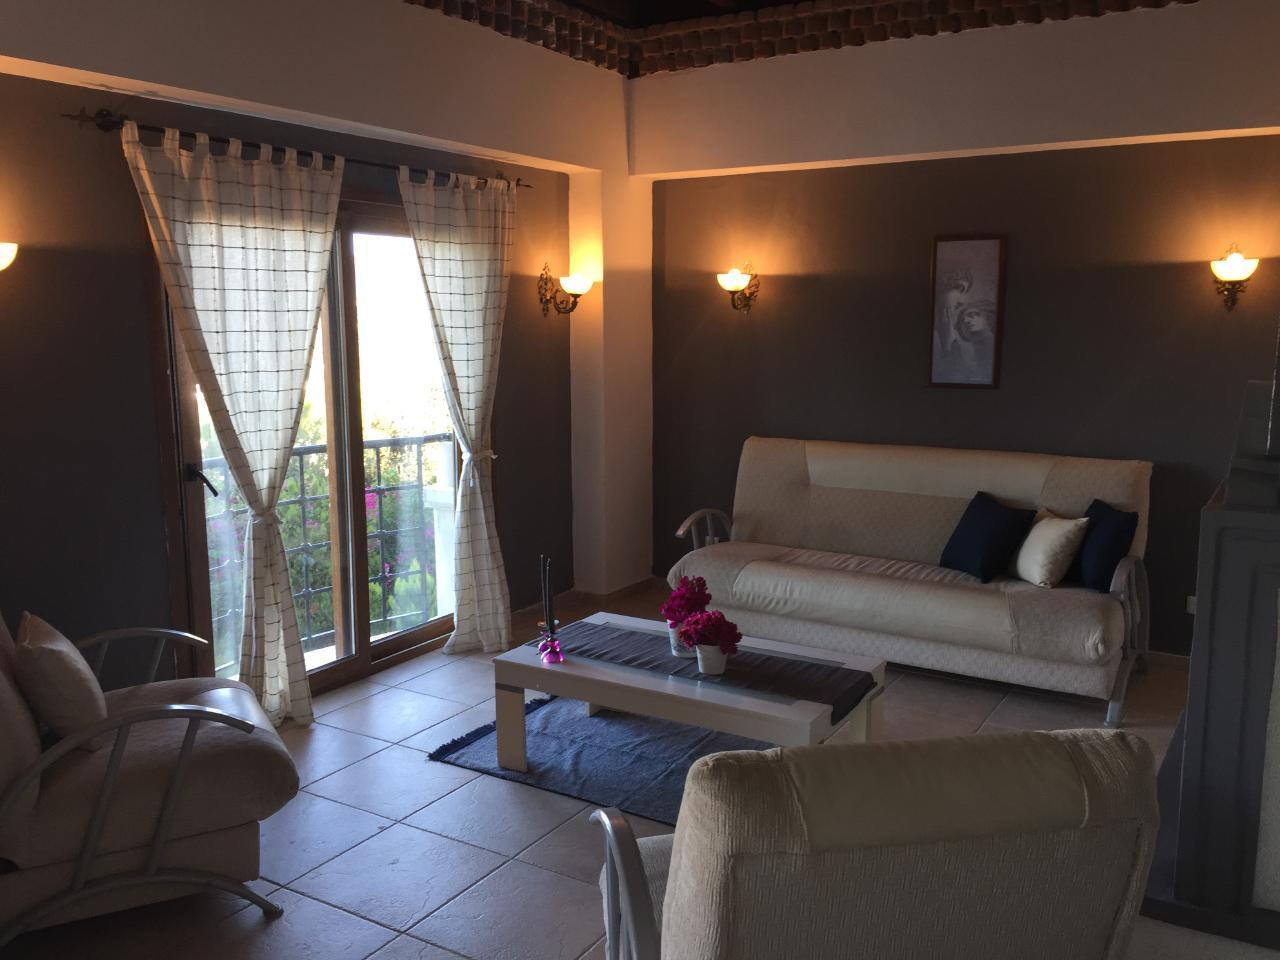 Maison de vacances Ferienvilla mit privatem Pool in Bodrum (2607628), Yalıkavak, , Région Egéenne, Turquie, image 8